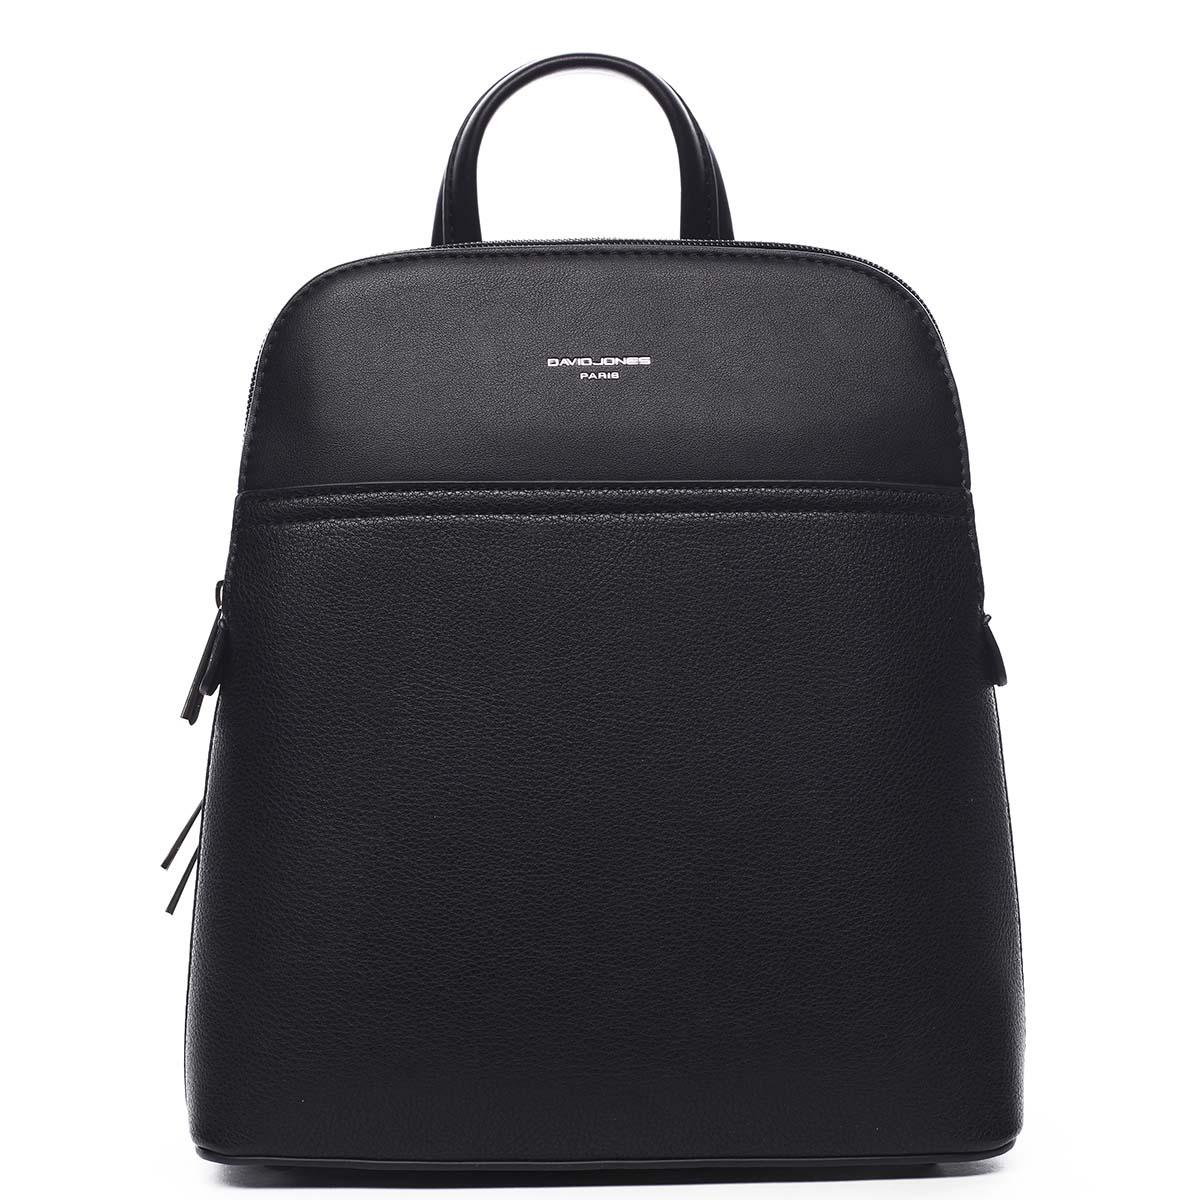 Dámský městský batoh černý - David Jones Aboy černá